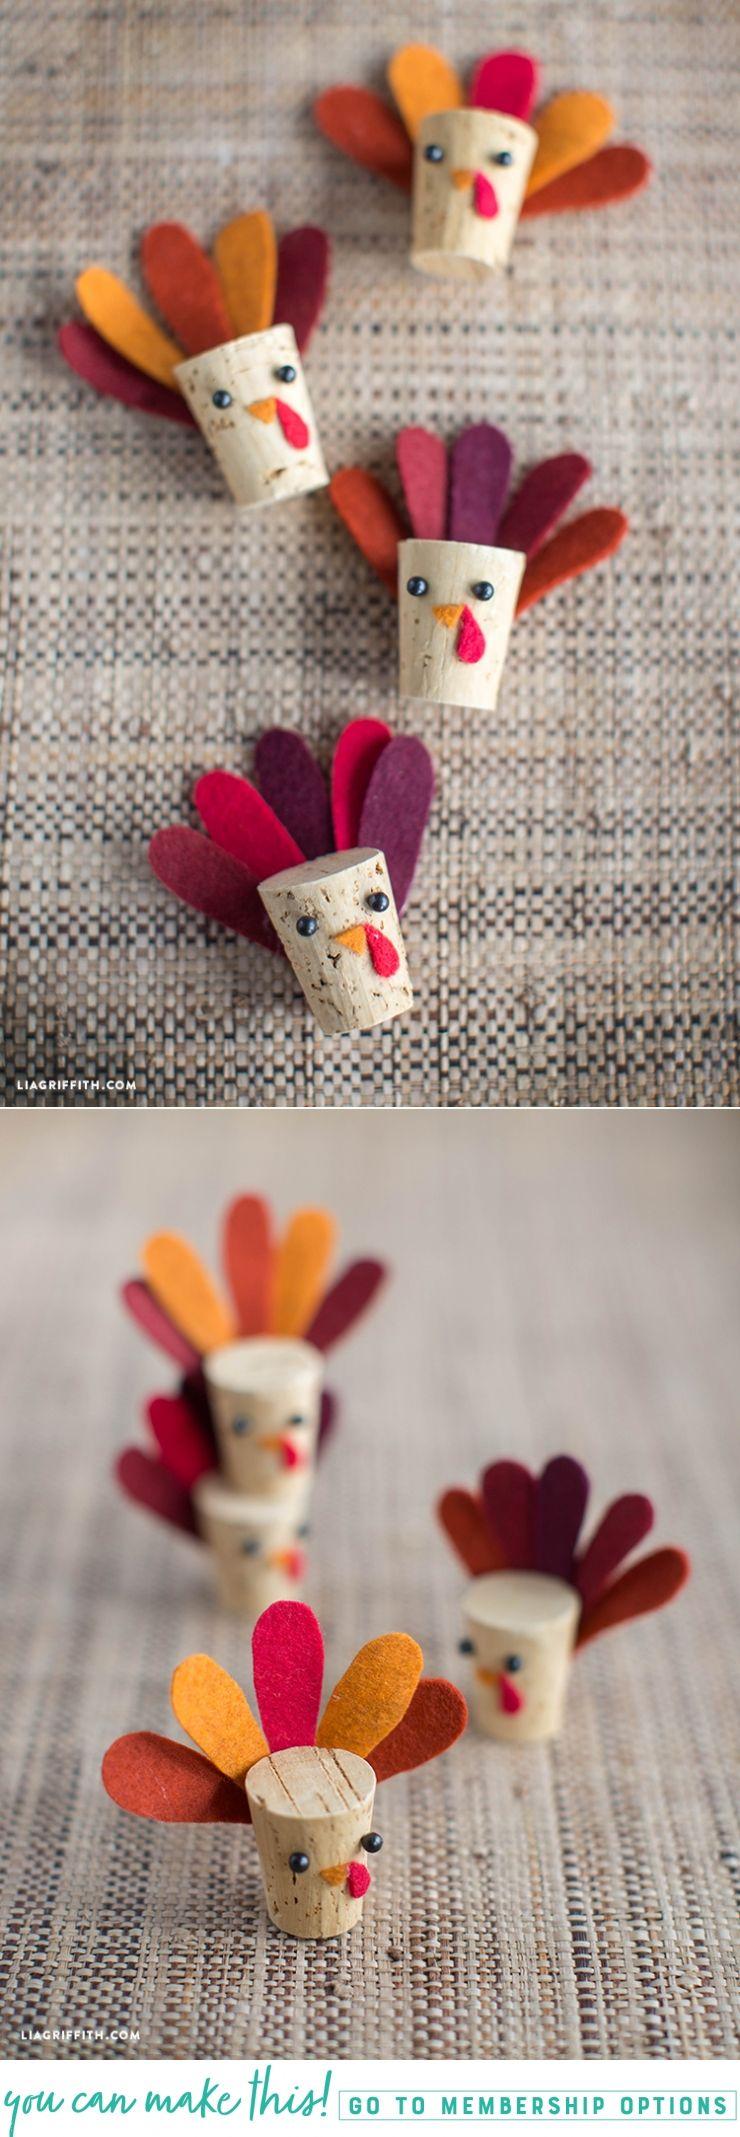 DIY Cork Turkey Kids Craft Crafts, Thanksgiving crafts